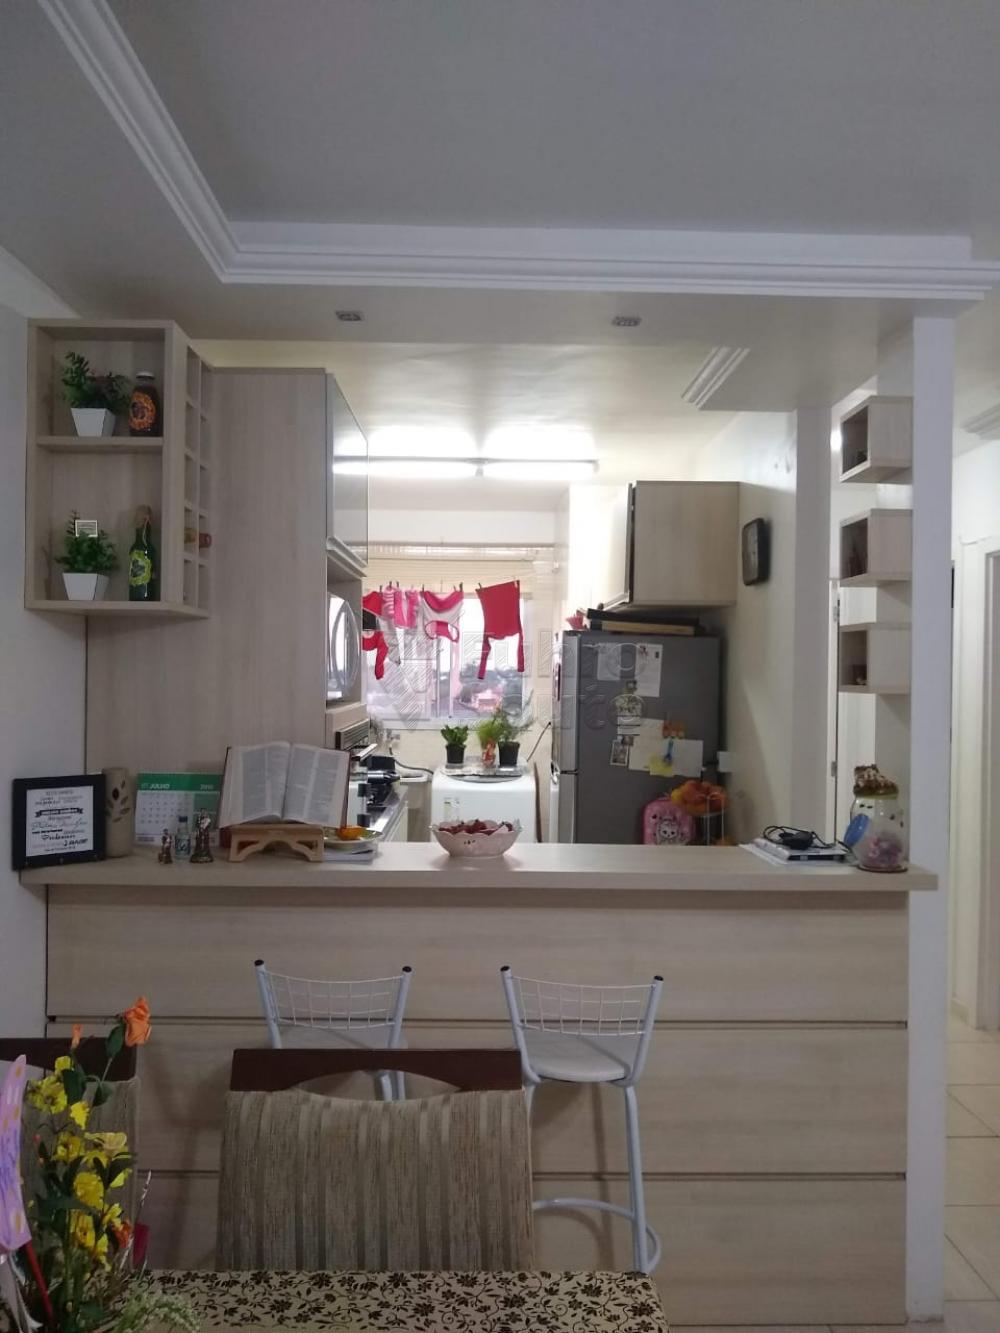 Comprar Apartamento / Padrão em Pelotas R$ 160.000,00 - Foto 4